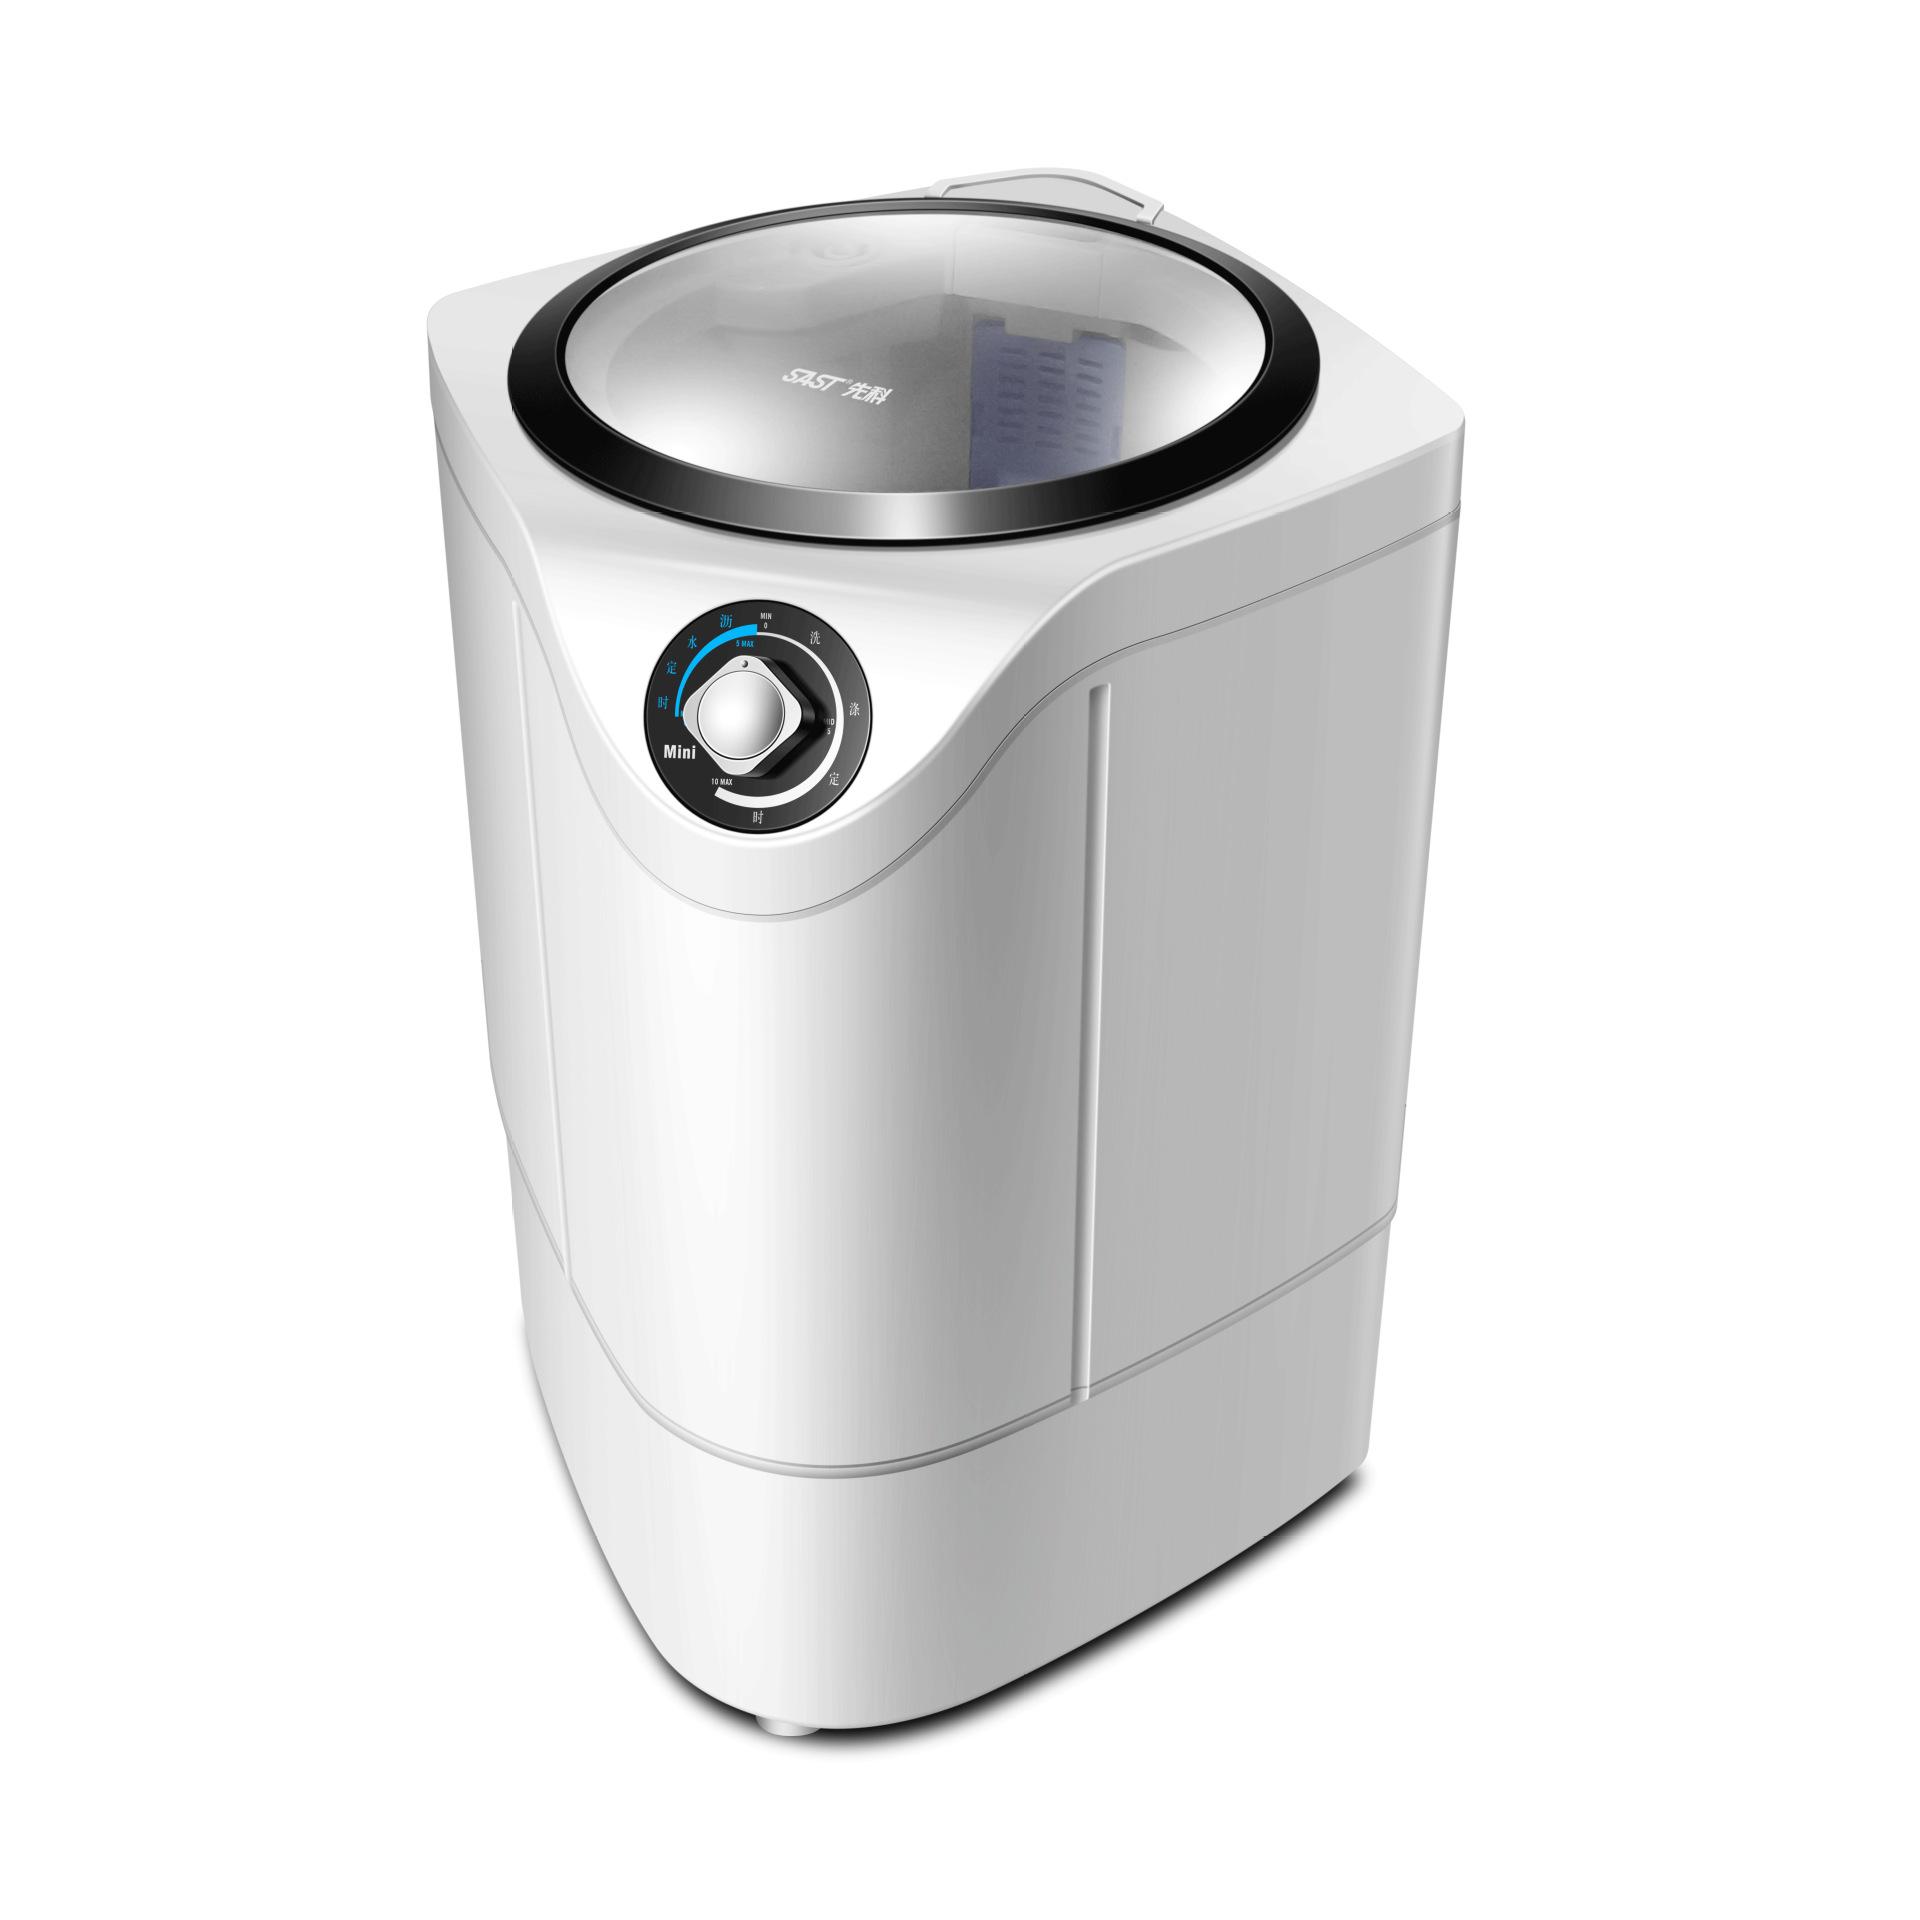 SAST Máy giặt Yushchenko XPB48-B1 rửa giải một em bé nhỏ đơn thùng thùng hộ gia đình bán tự động